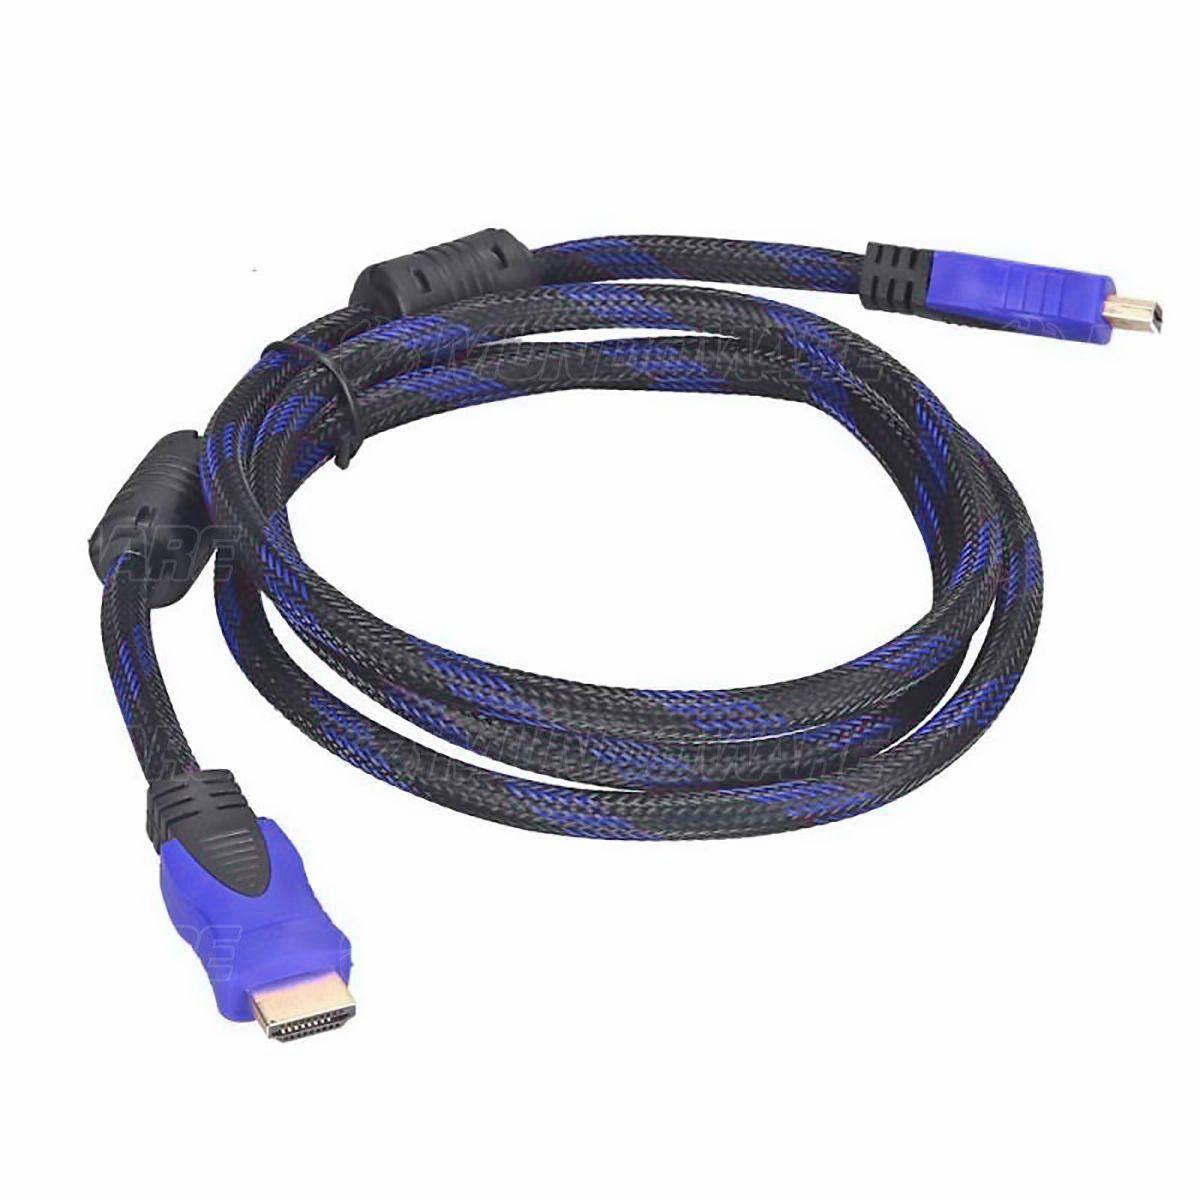 Cabo HDMI Blindado Versão 1.4 com 3 metros com Malha de Nylon e Filtro OD6.8 Exbom CBX-H30CM